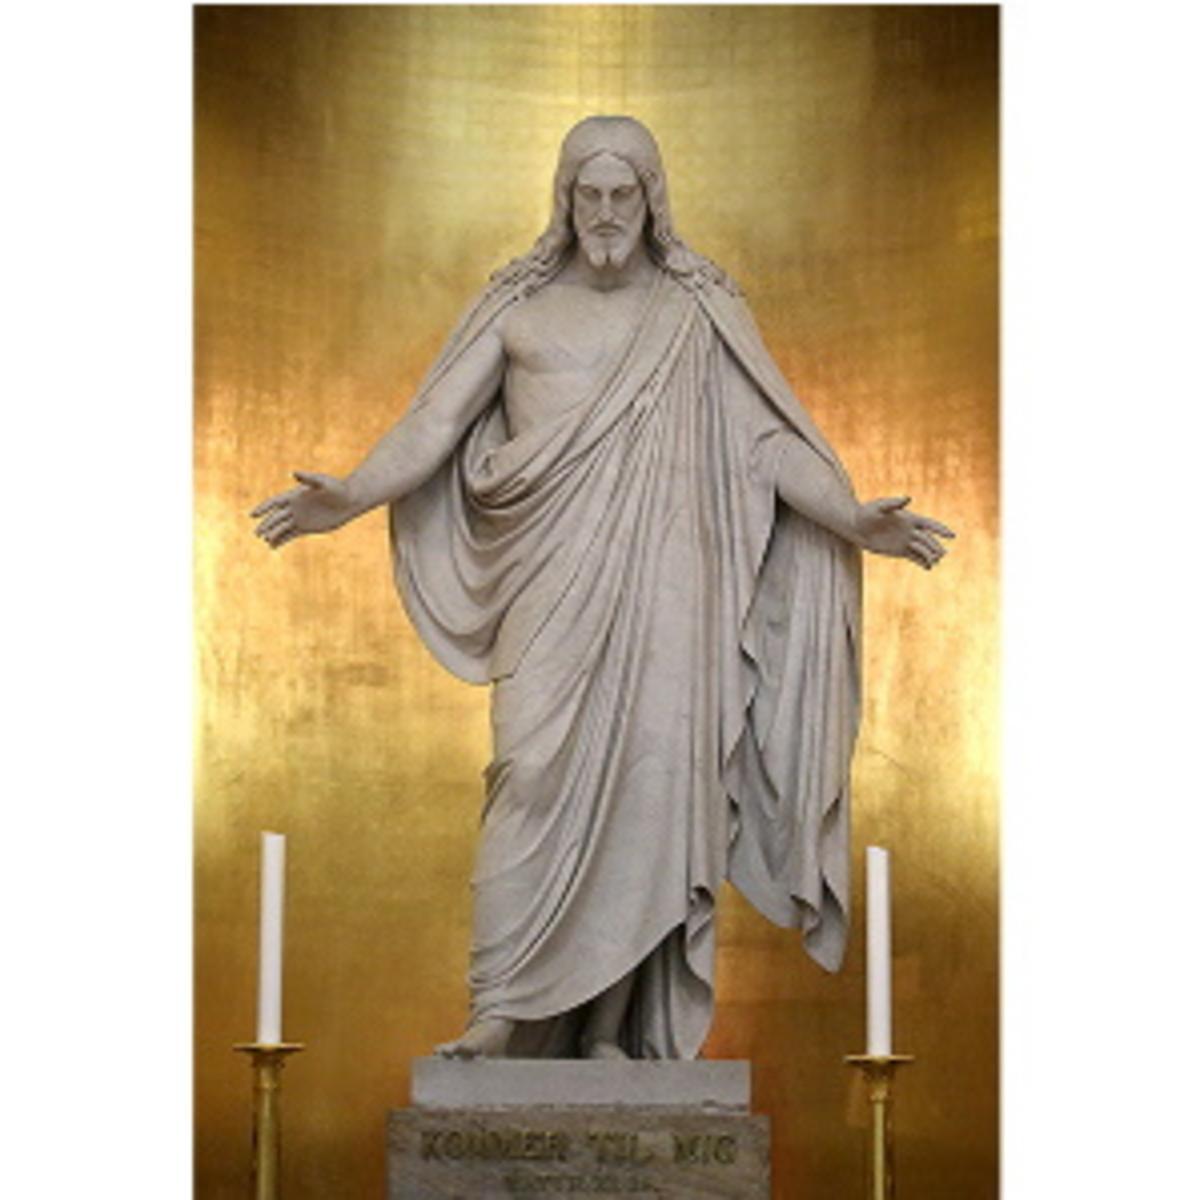 Copenhagen Christus